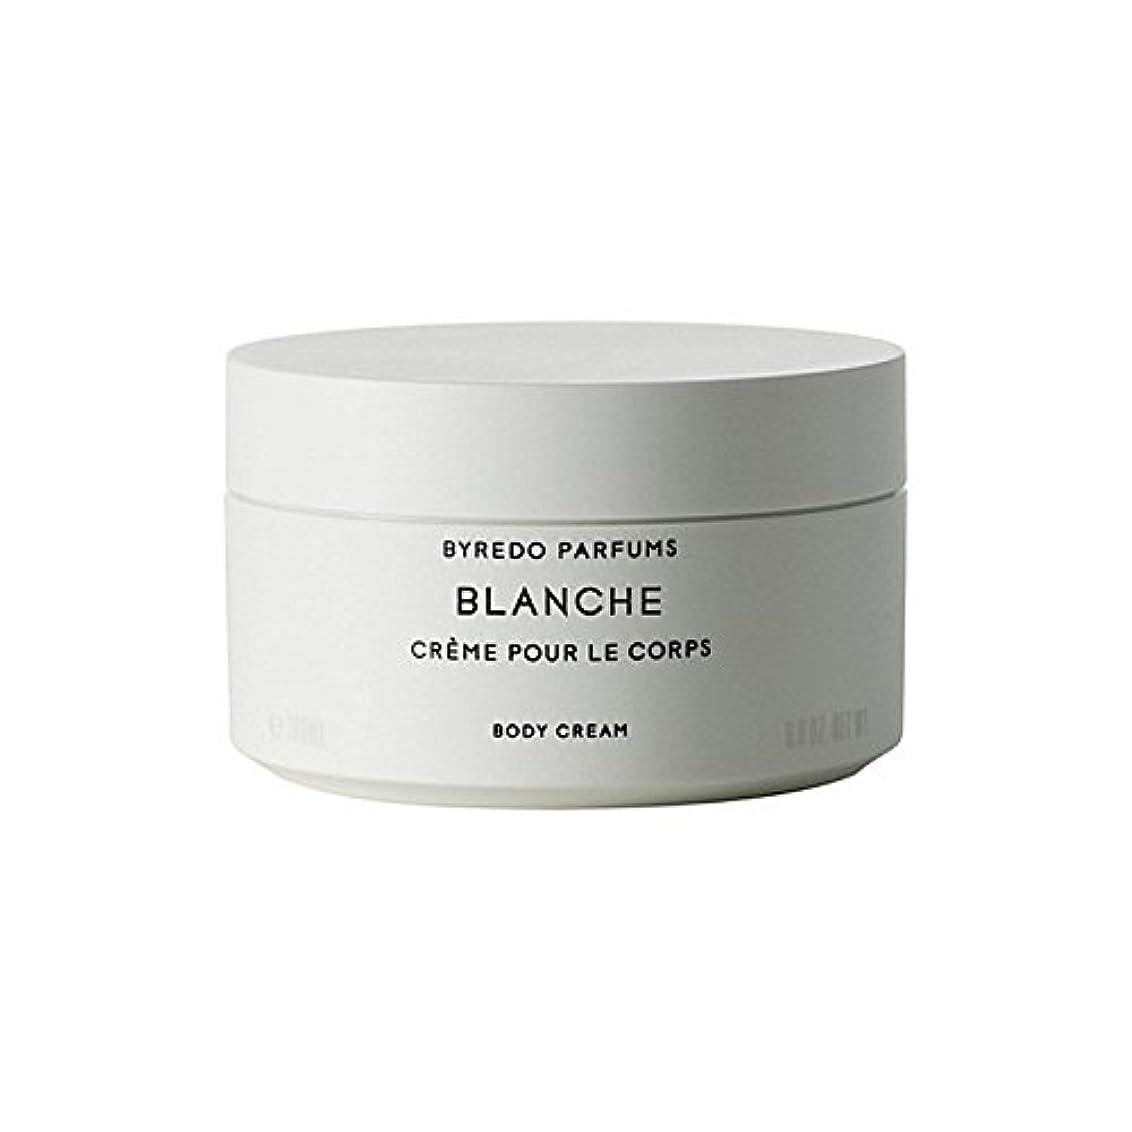 ミケランジェロ拒絶抜け目がないByredo Blanche Body Cream 200ml - ブランシュボディクリーム200ミリリットル [並行輸入品]